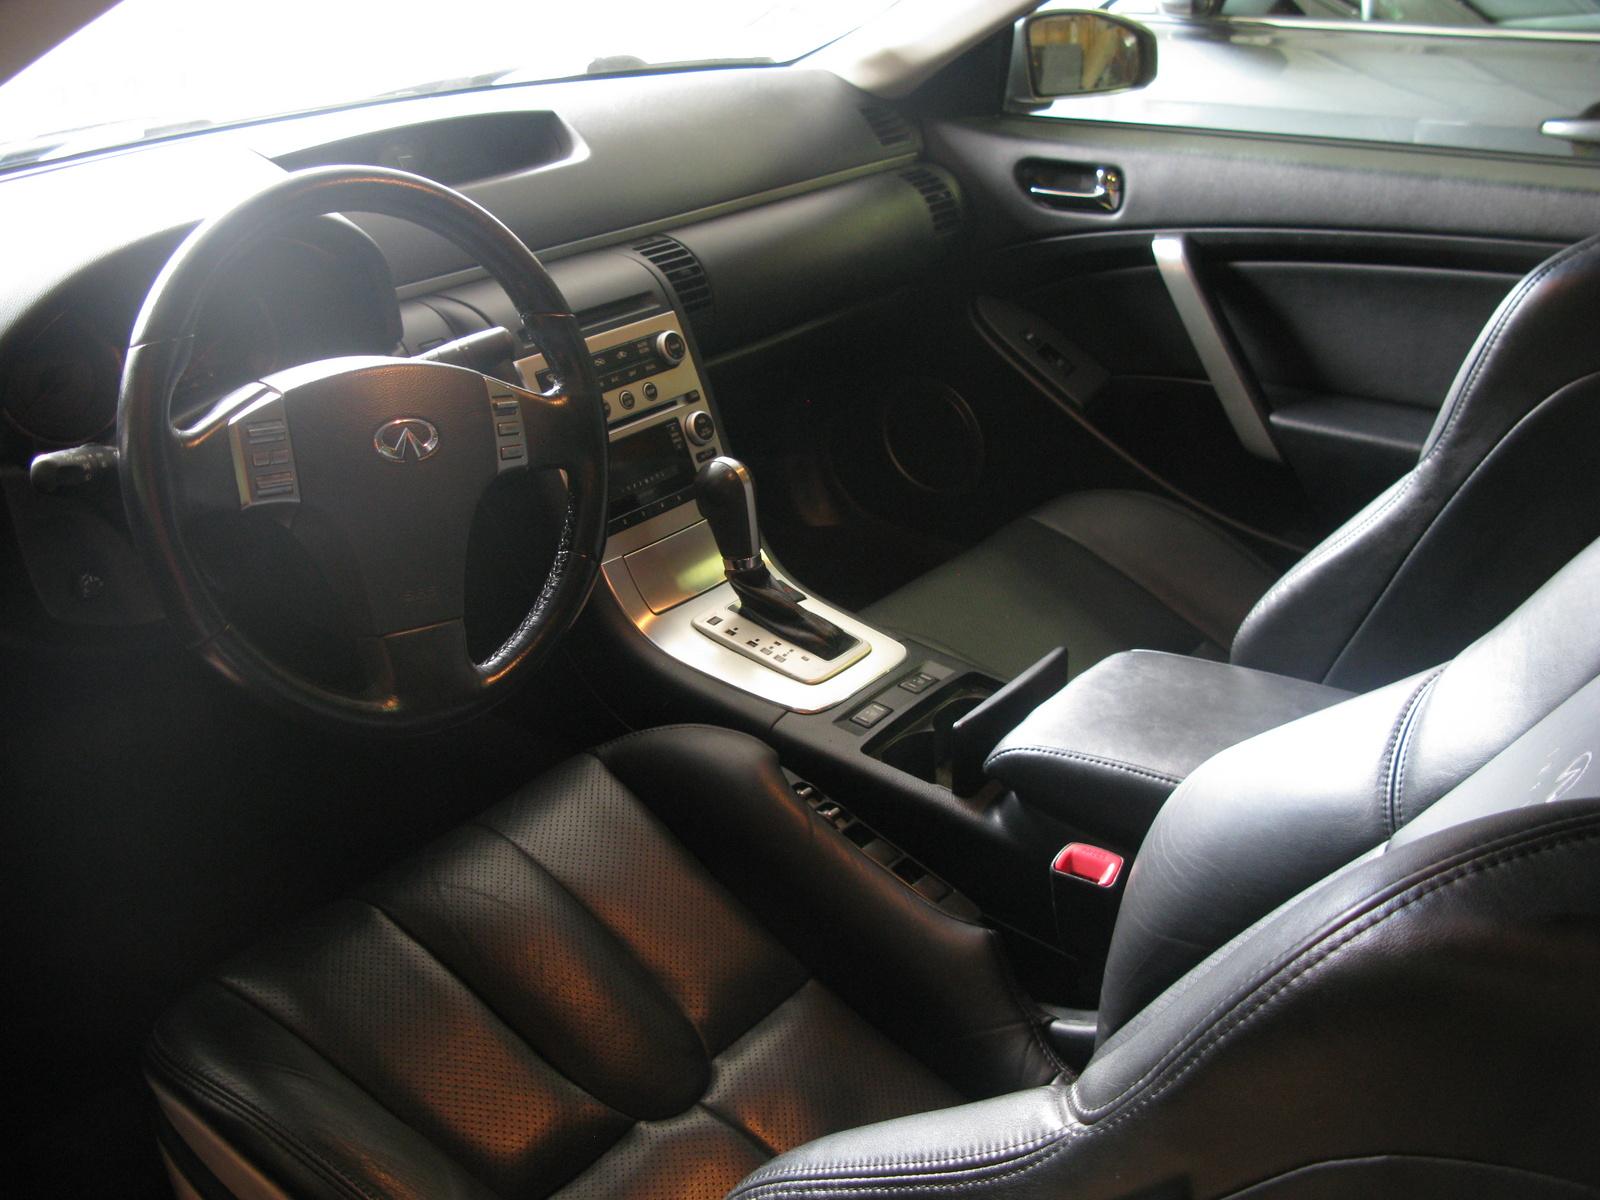 2005 Infiniti G35 Interior Pictures Cargurus